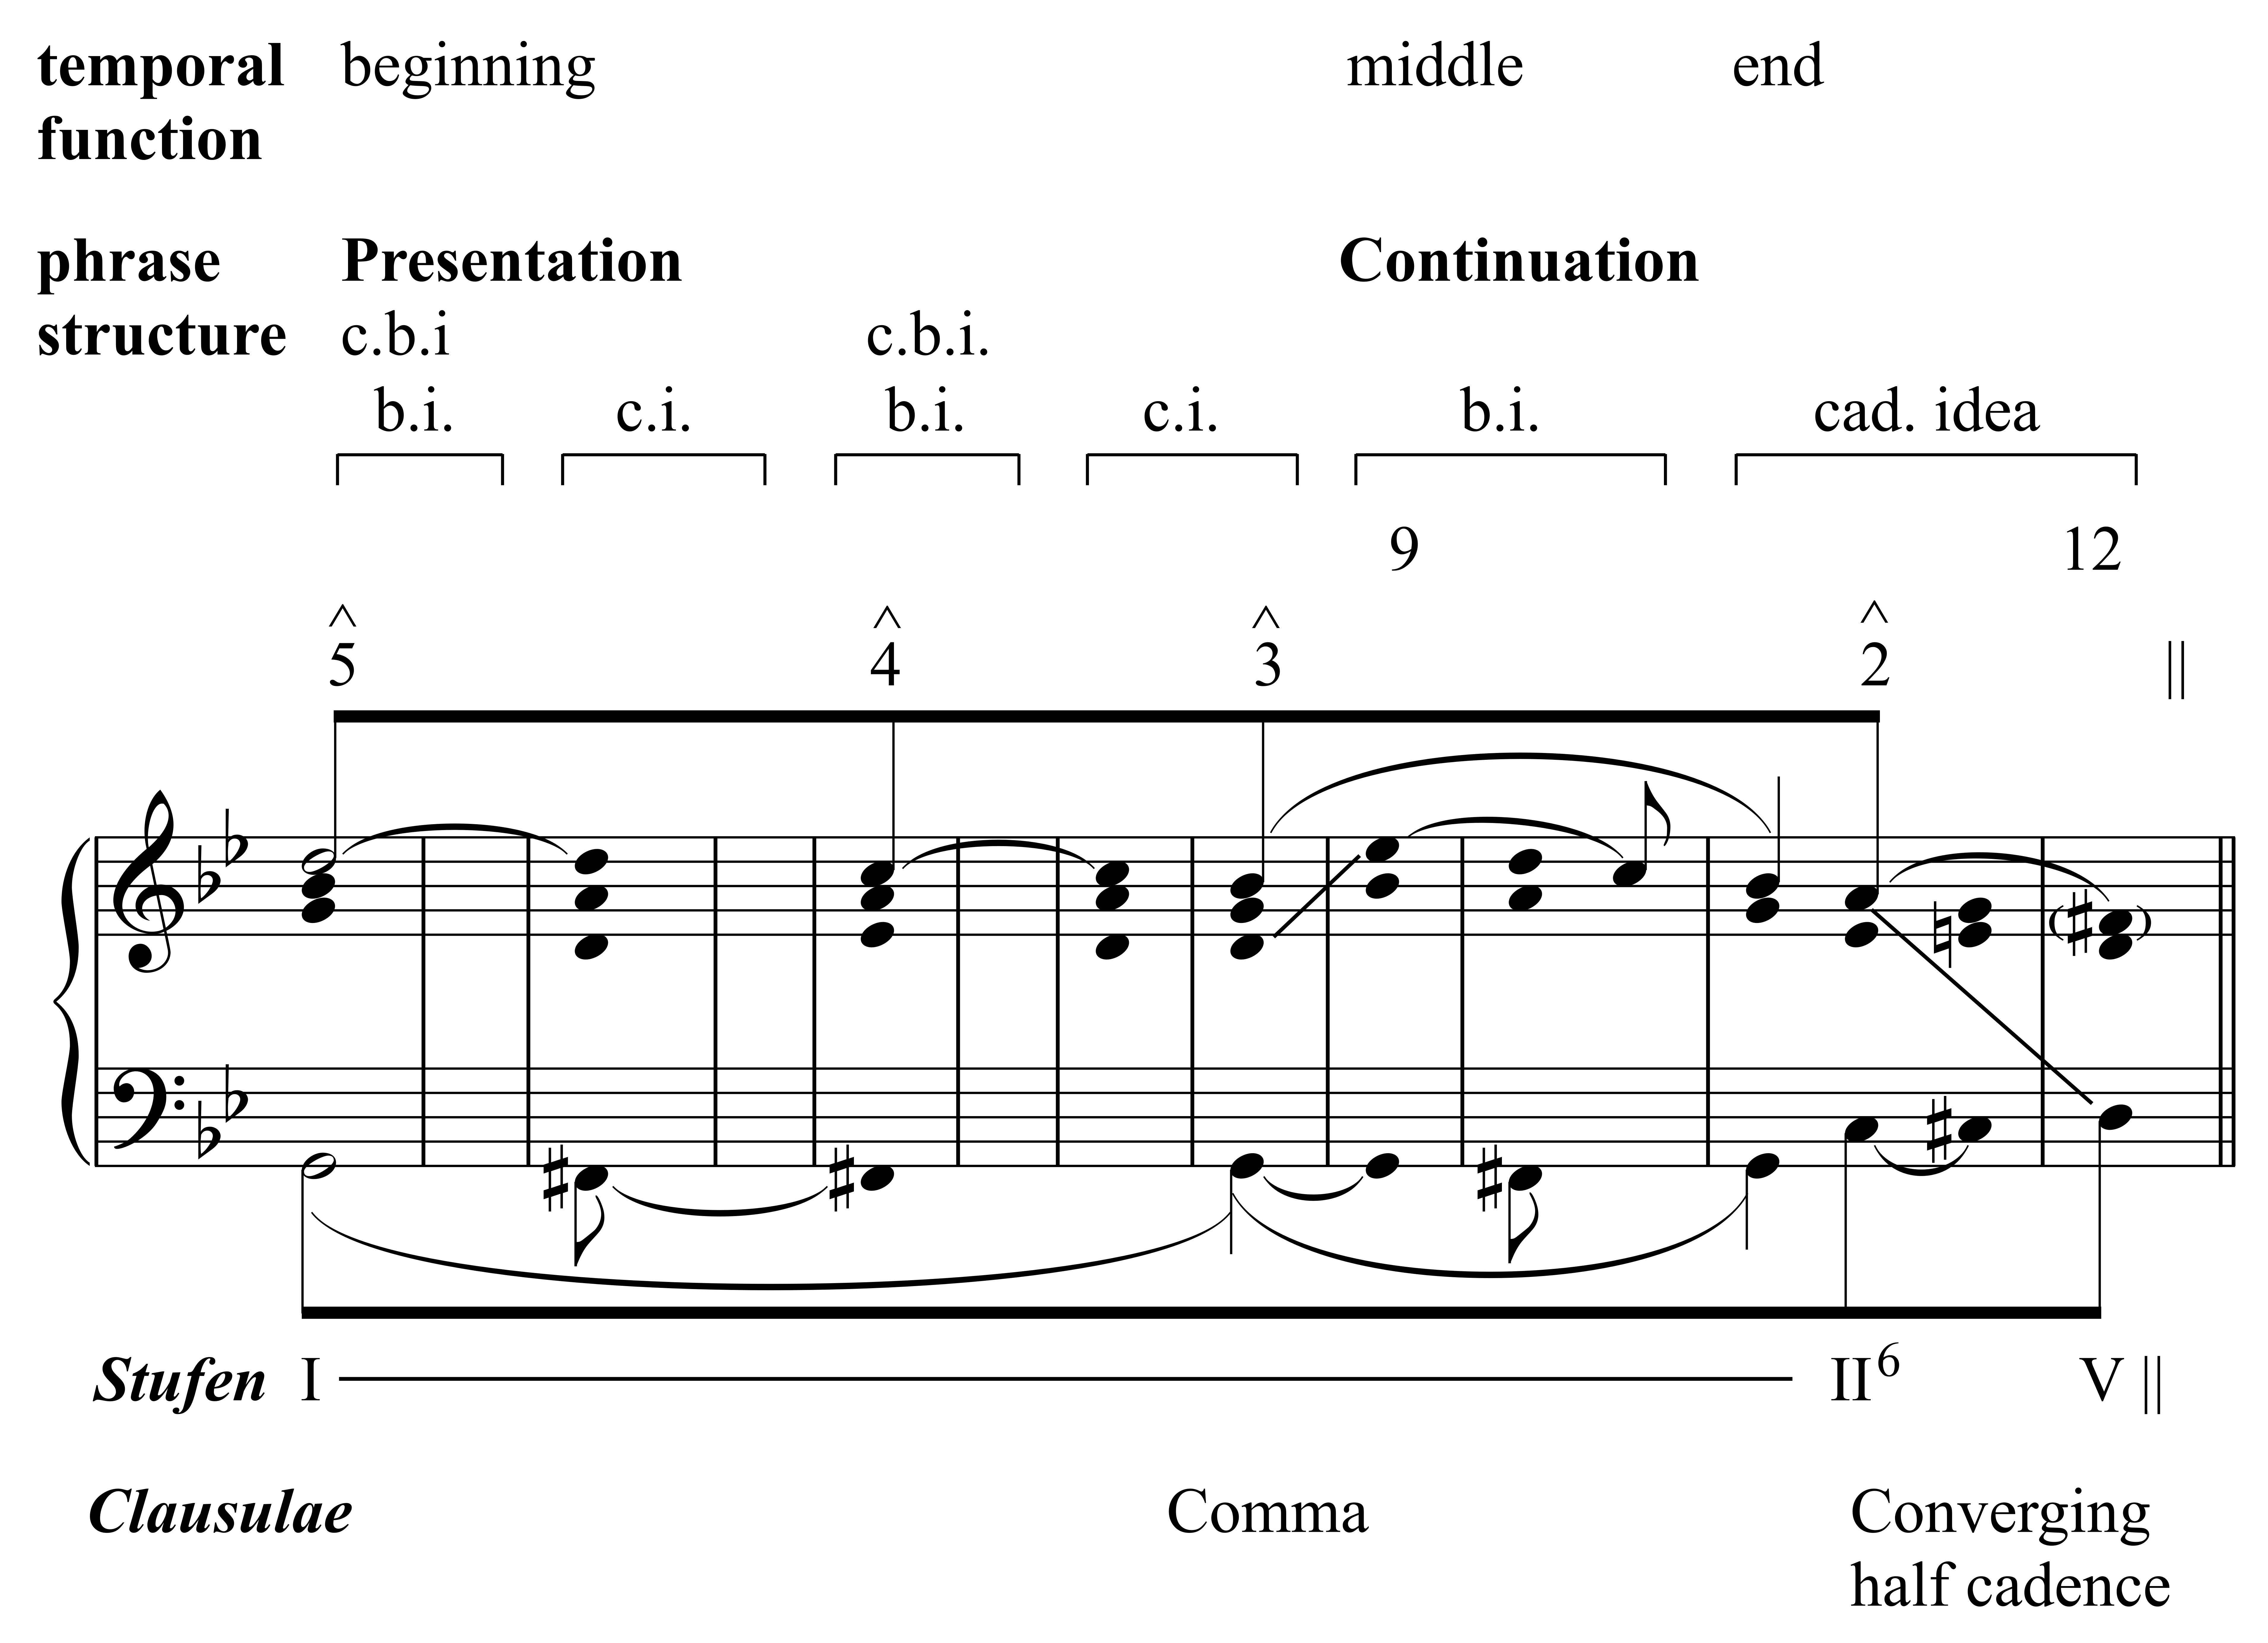 Suurpää, Example 5